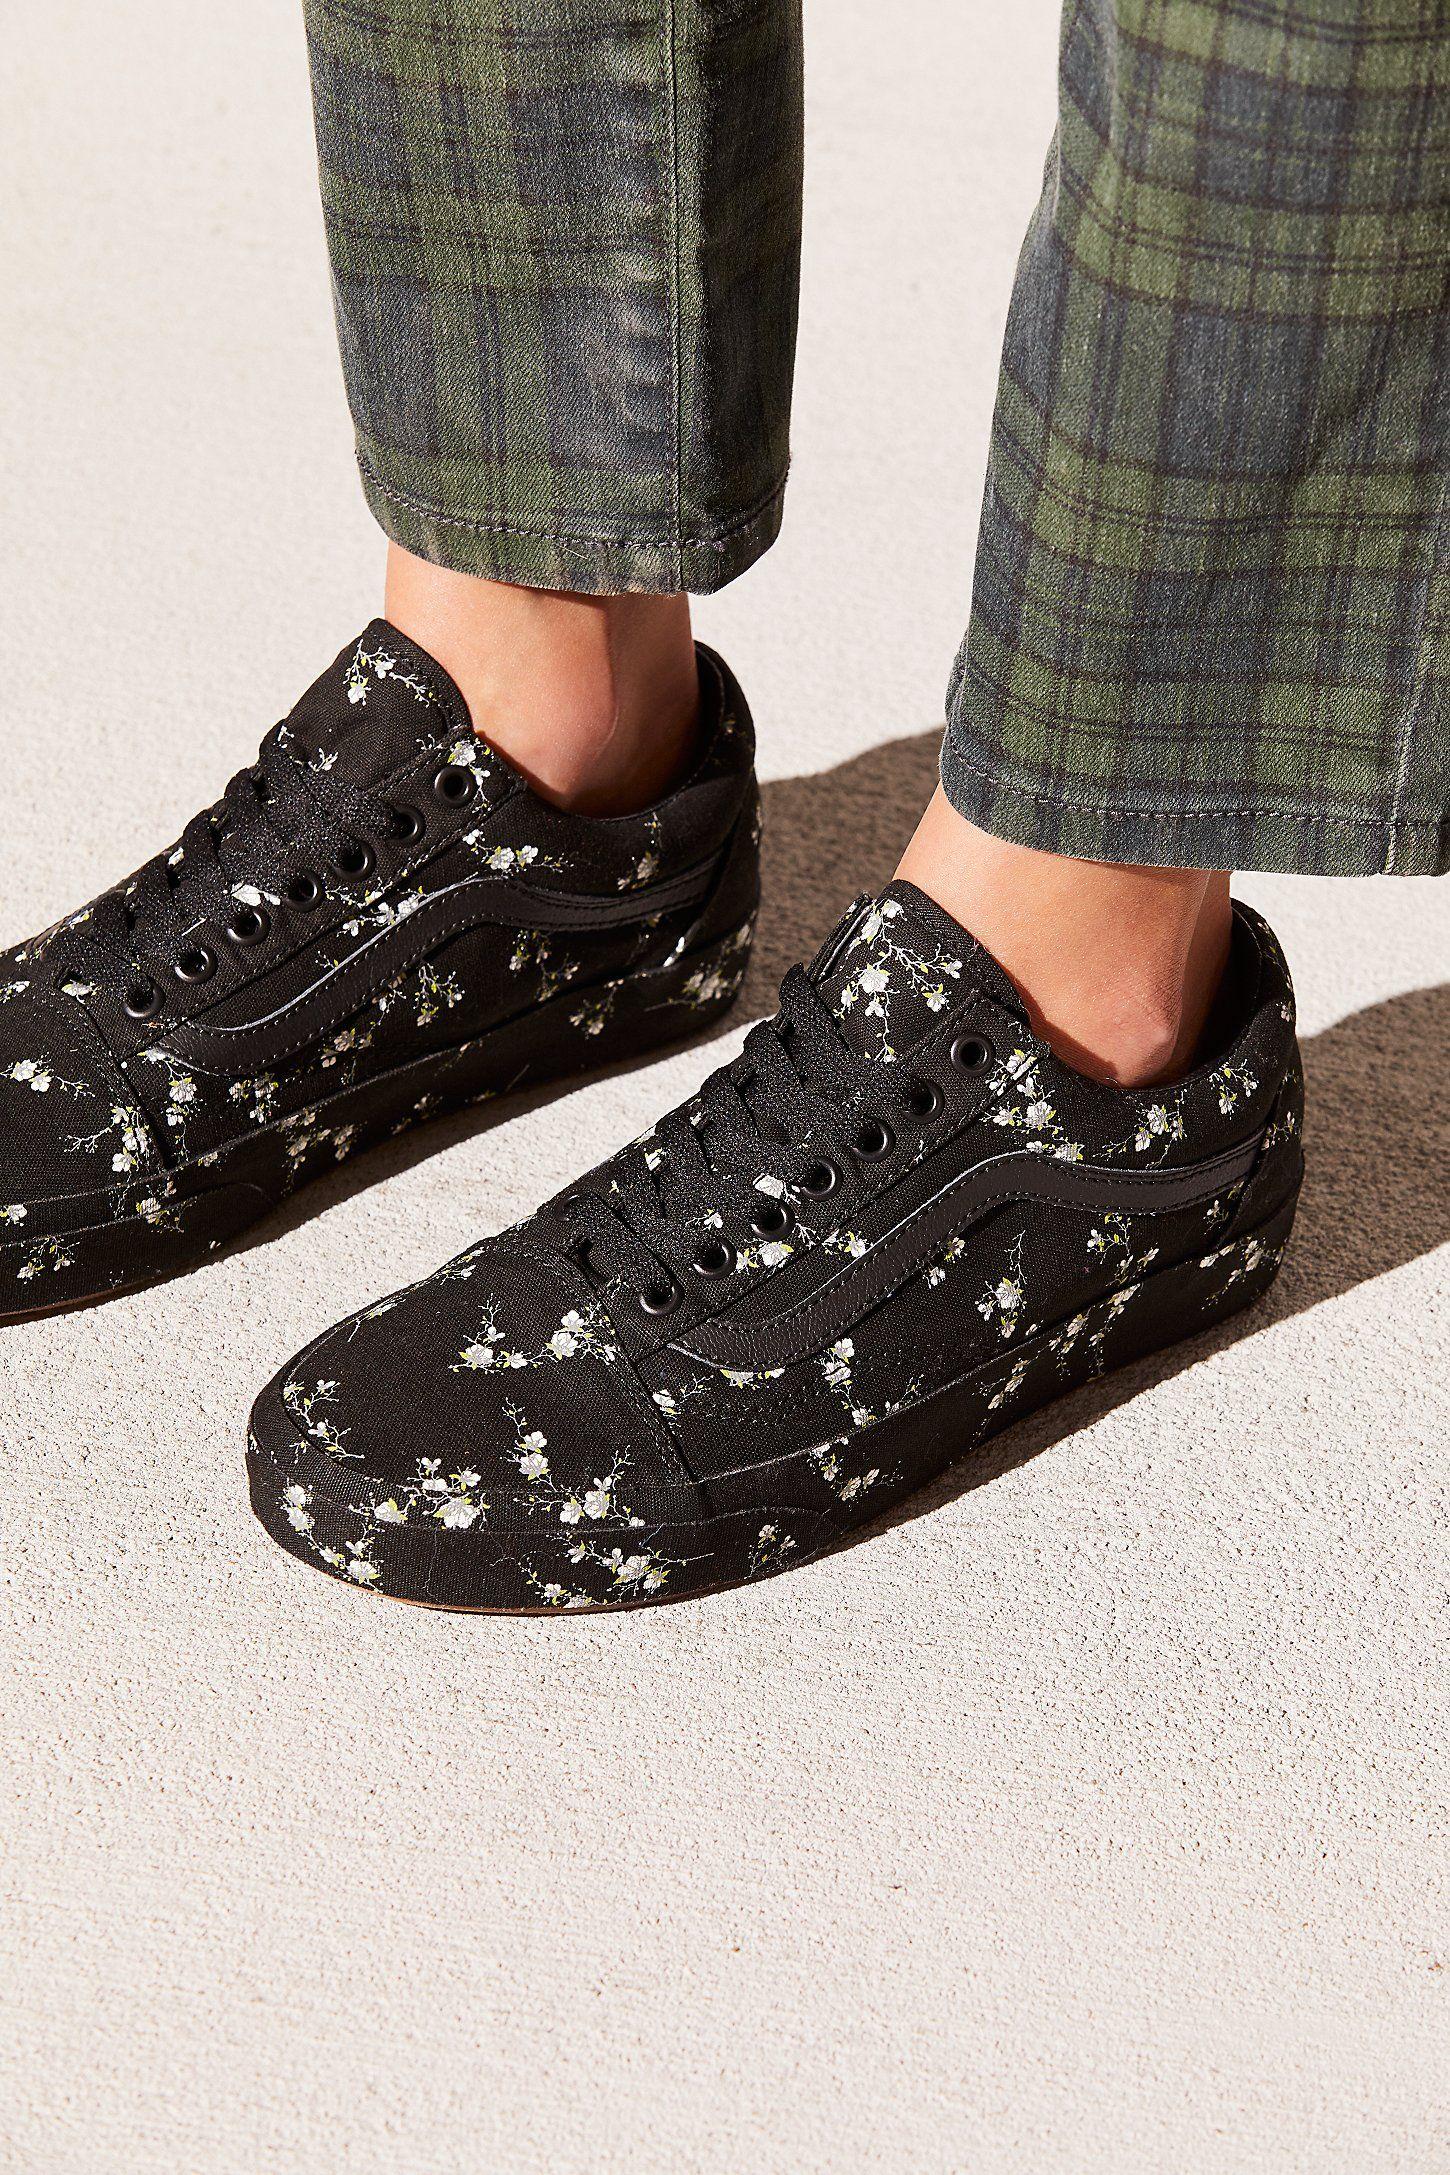 Old Skool Midnight Floral Sneaker | Floral sneakers